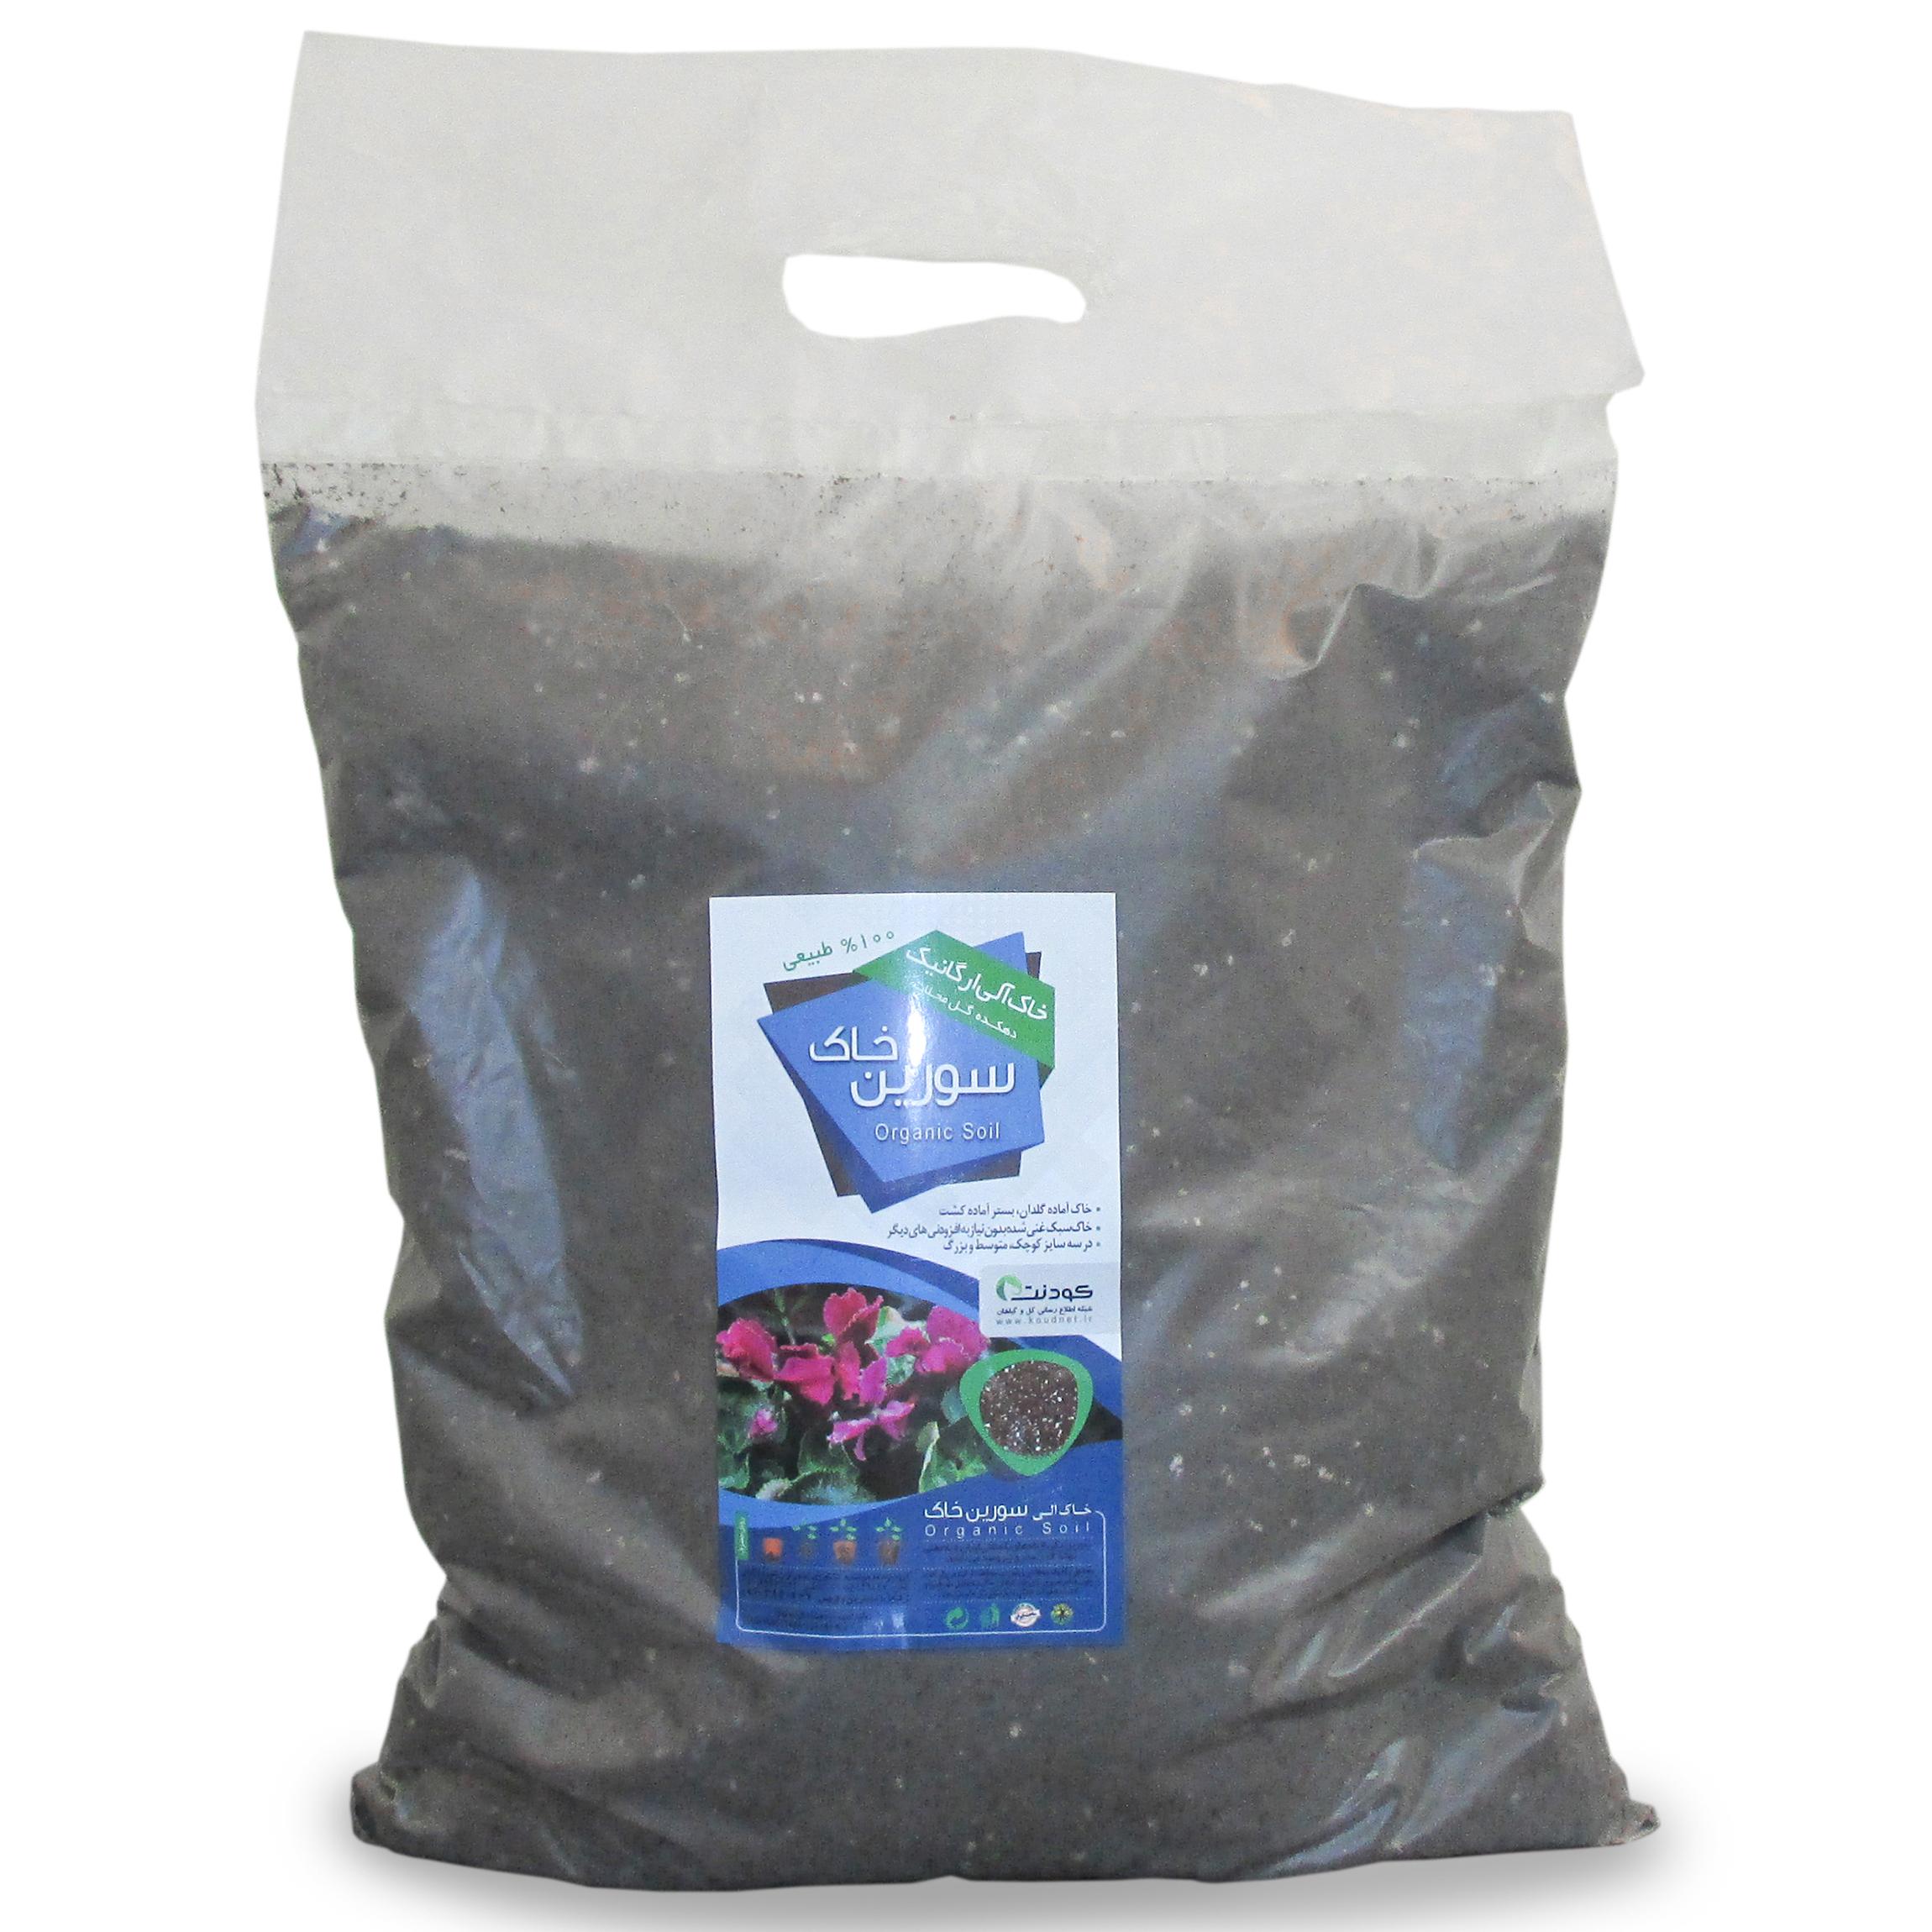 خاک آلی (کمپوست) سورین خاک سایز بزرگ (10 لیتری)